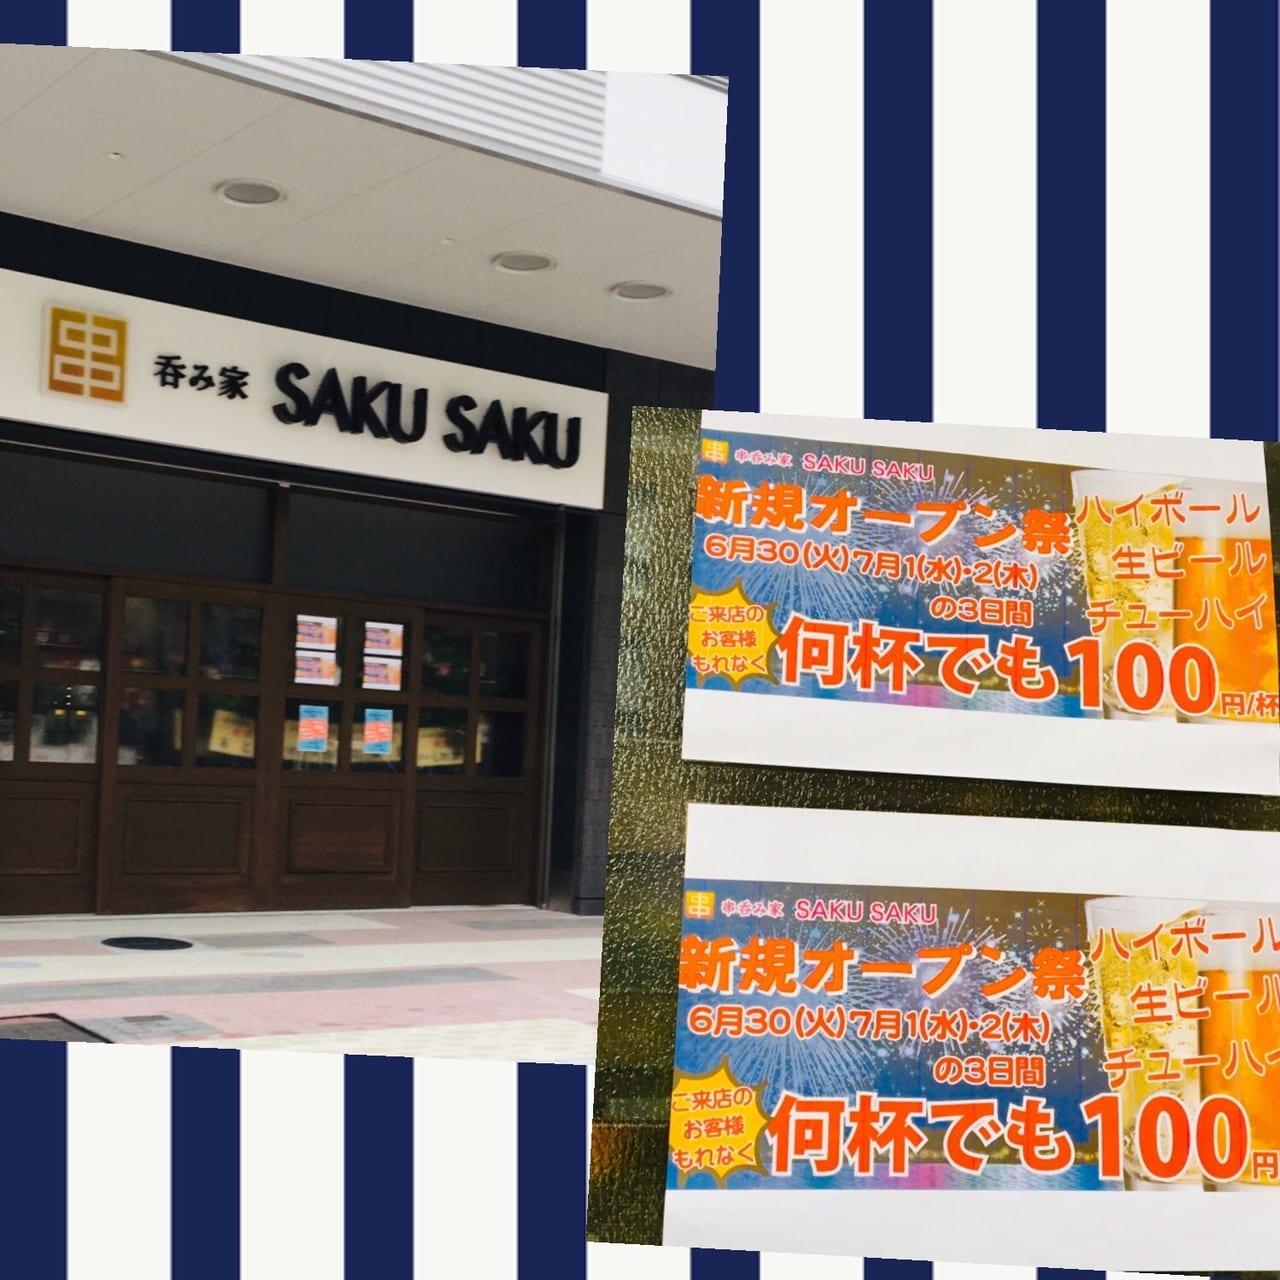 saku open 100